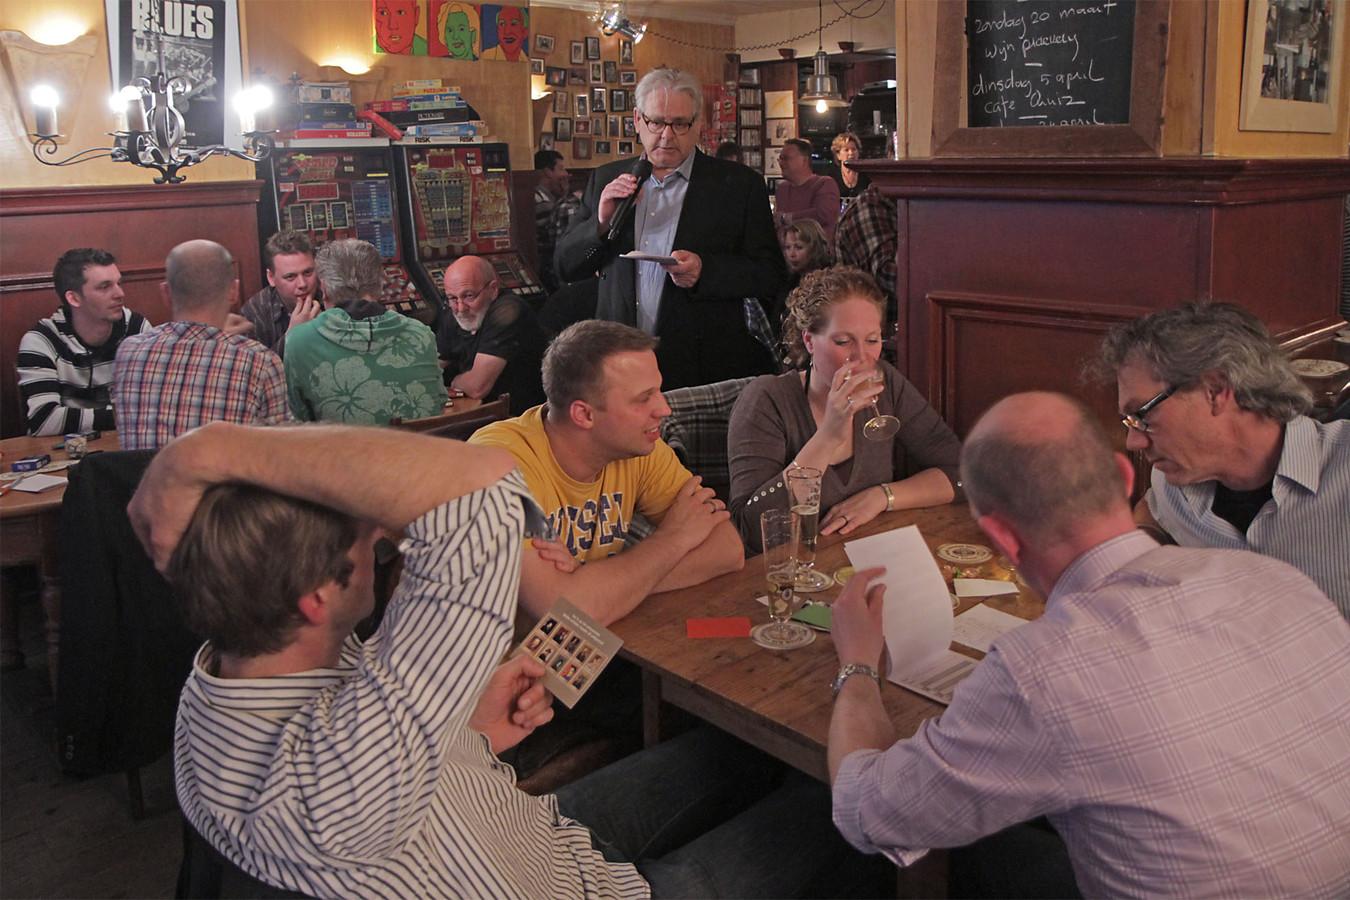 Nol Voskens op archiefbeeld uit 2011, toen als quizmaster in café De Kamer.